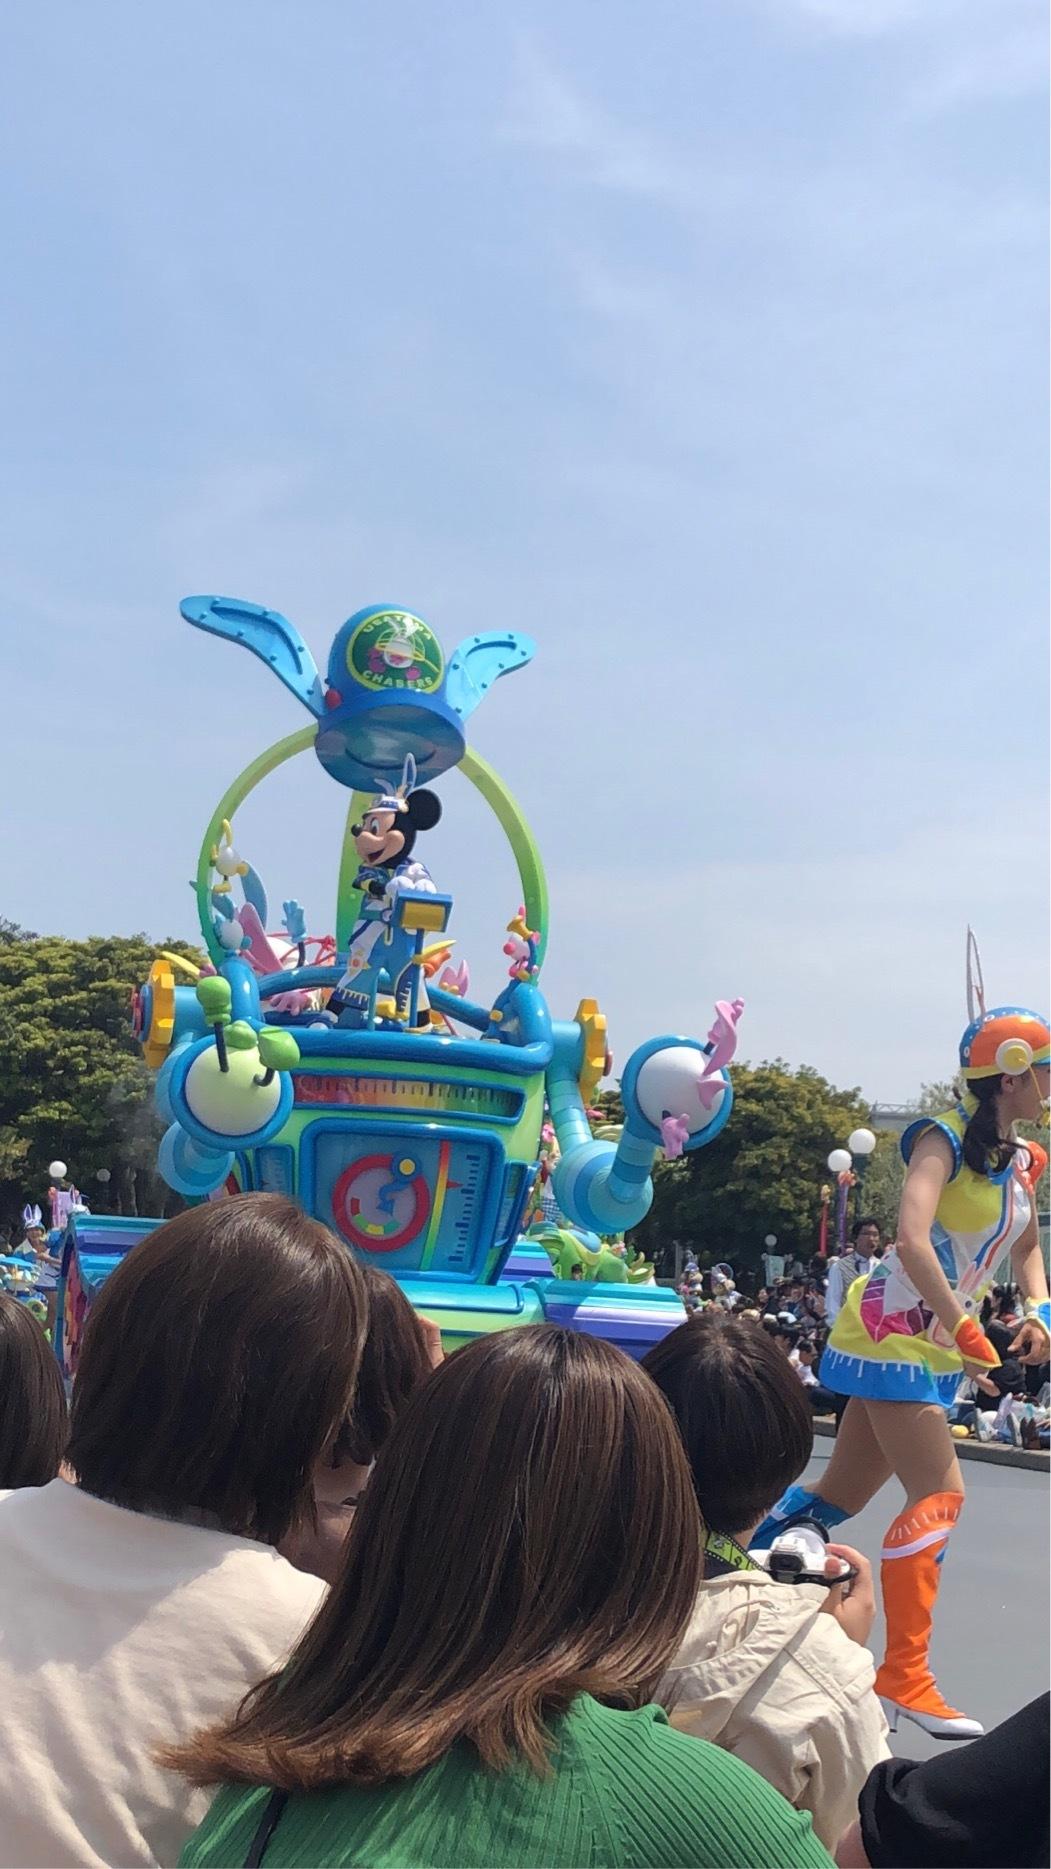 ディズニー・イースターを大満喫!②ショー・パレード編_1_1-1